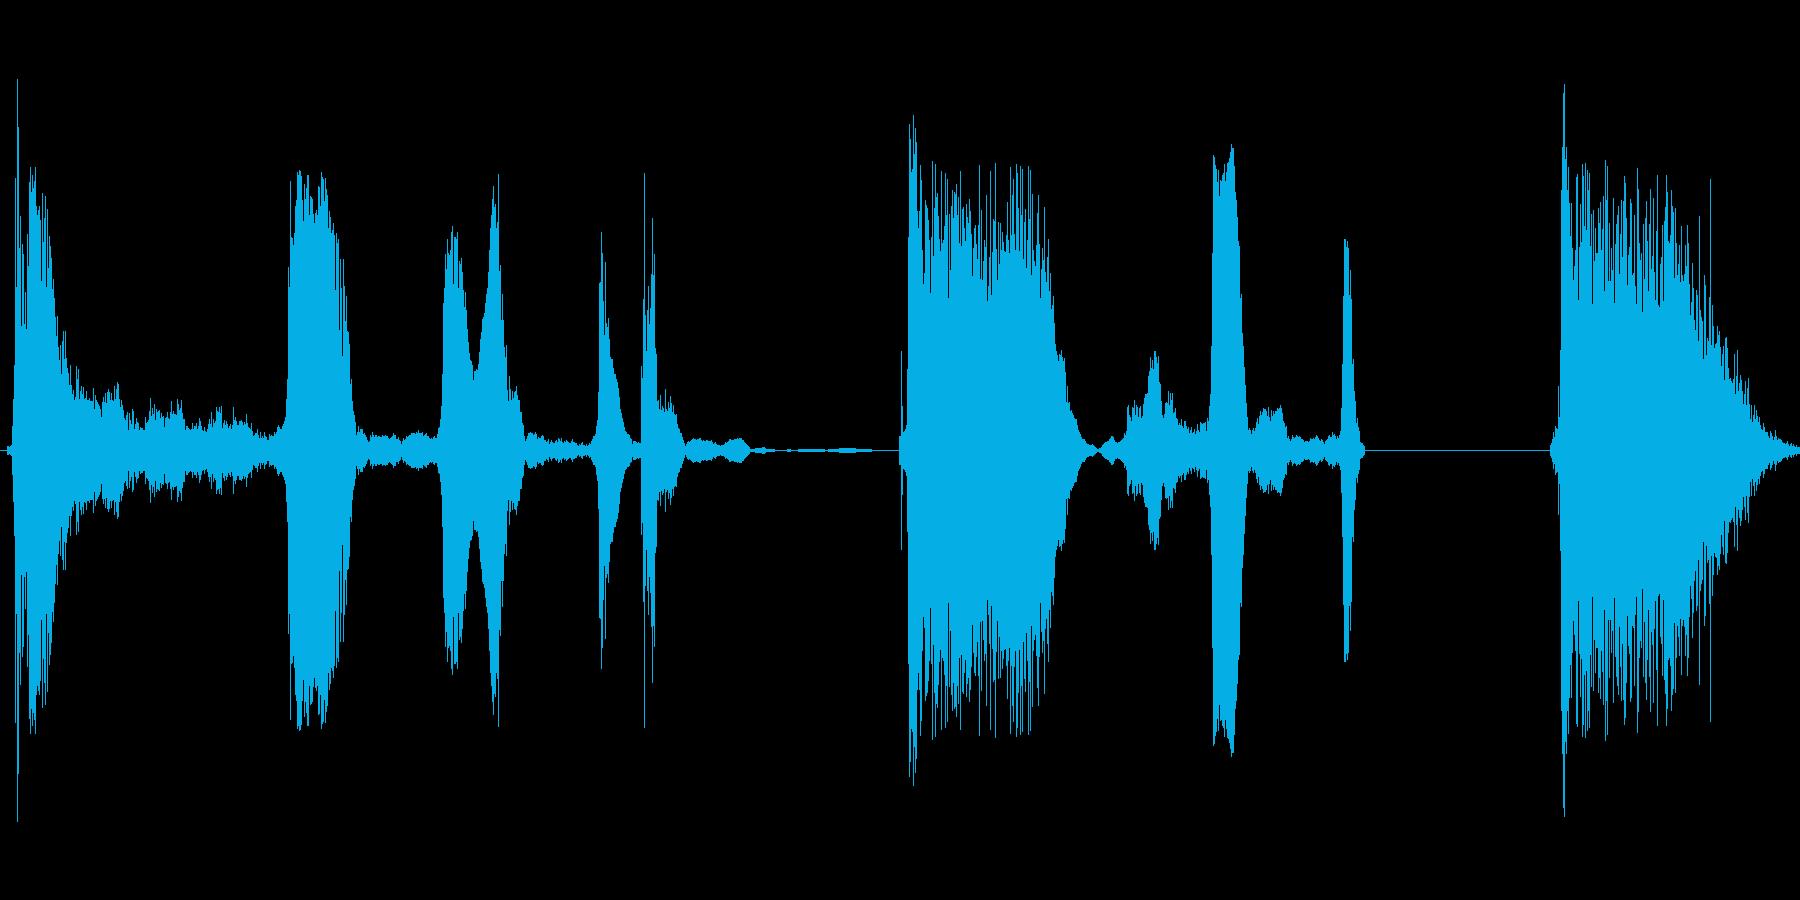 ウフフフッ ウフフフッの再生済みの波形